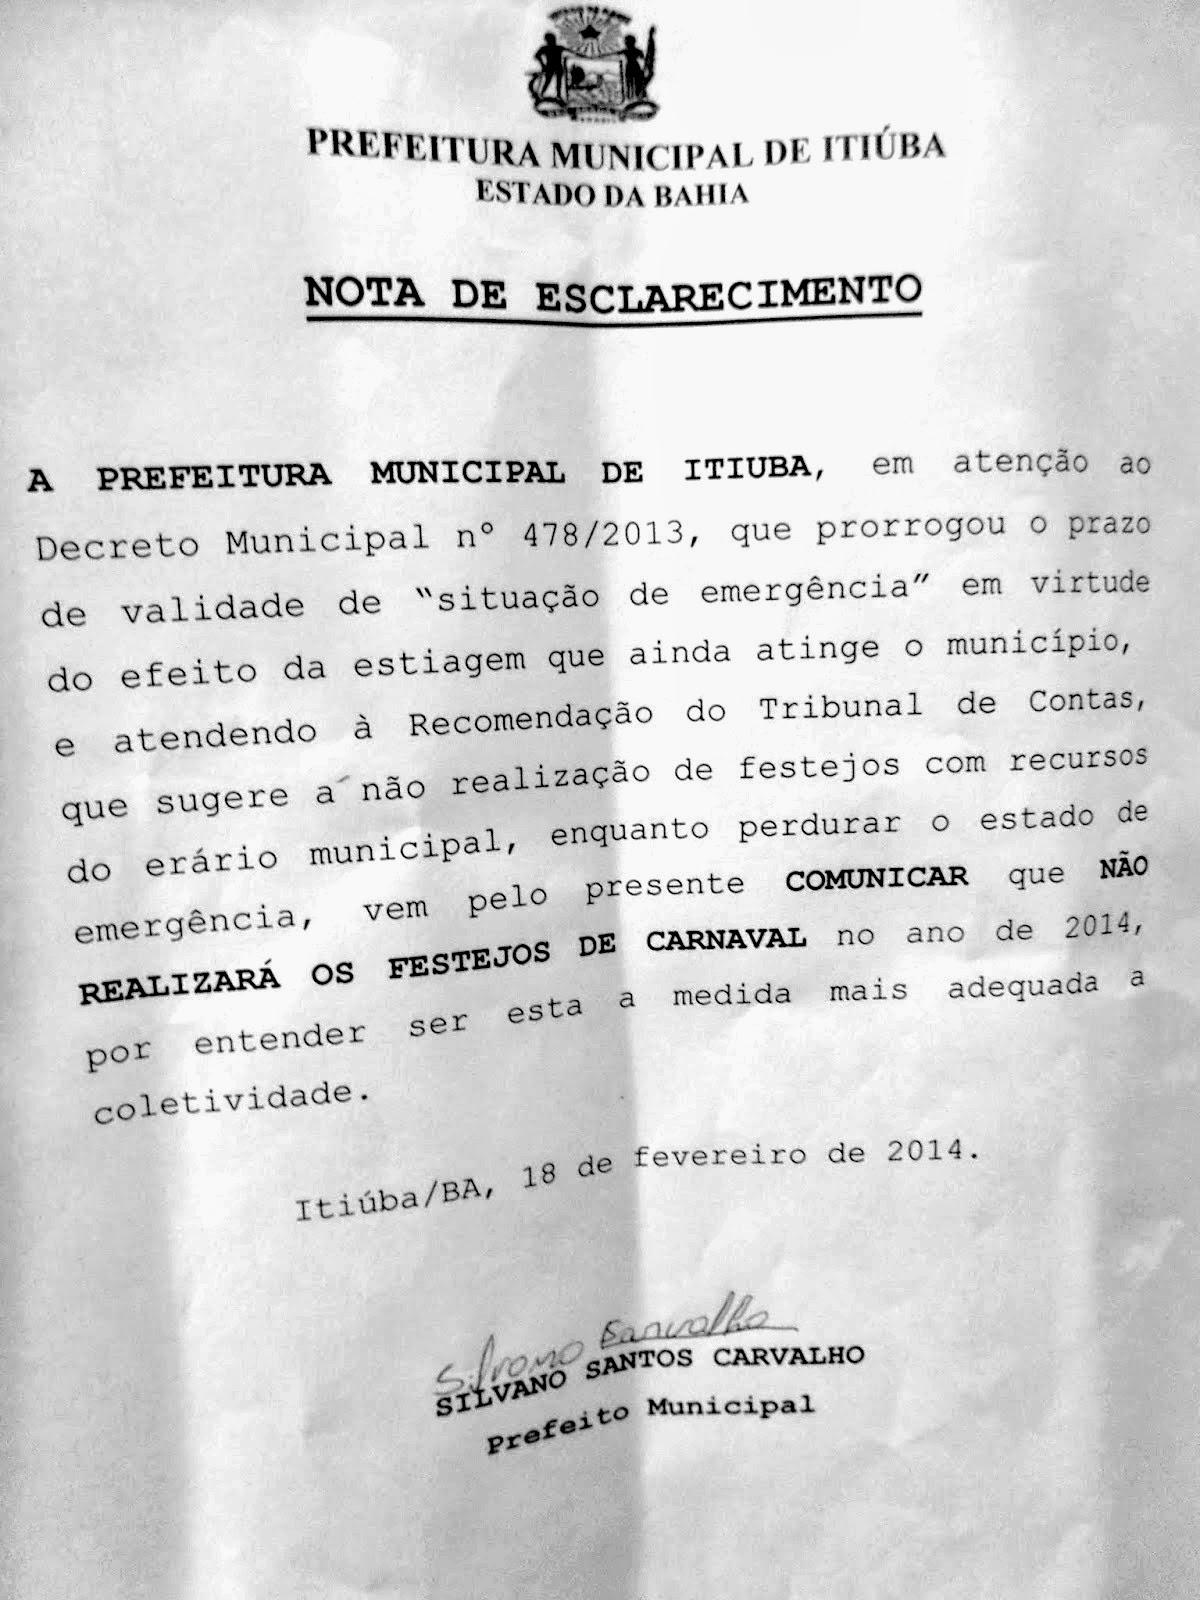 PREFEITURA MUNICIPAL DE ITIÚBA - BA, NÃO VAI REALIZAR CARNAVAL!